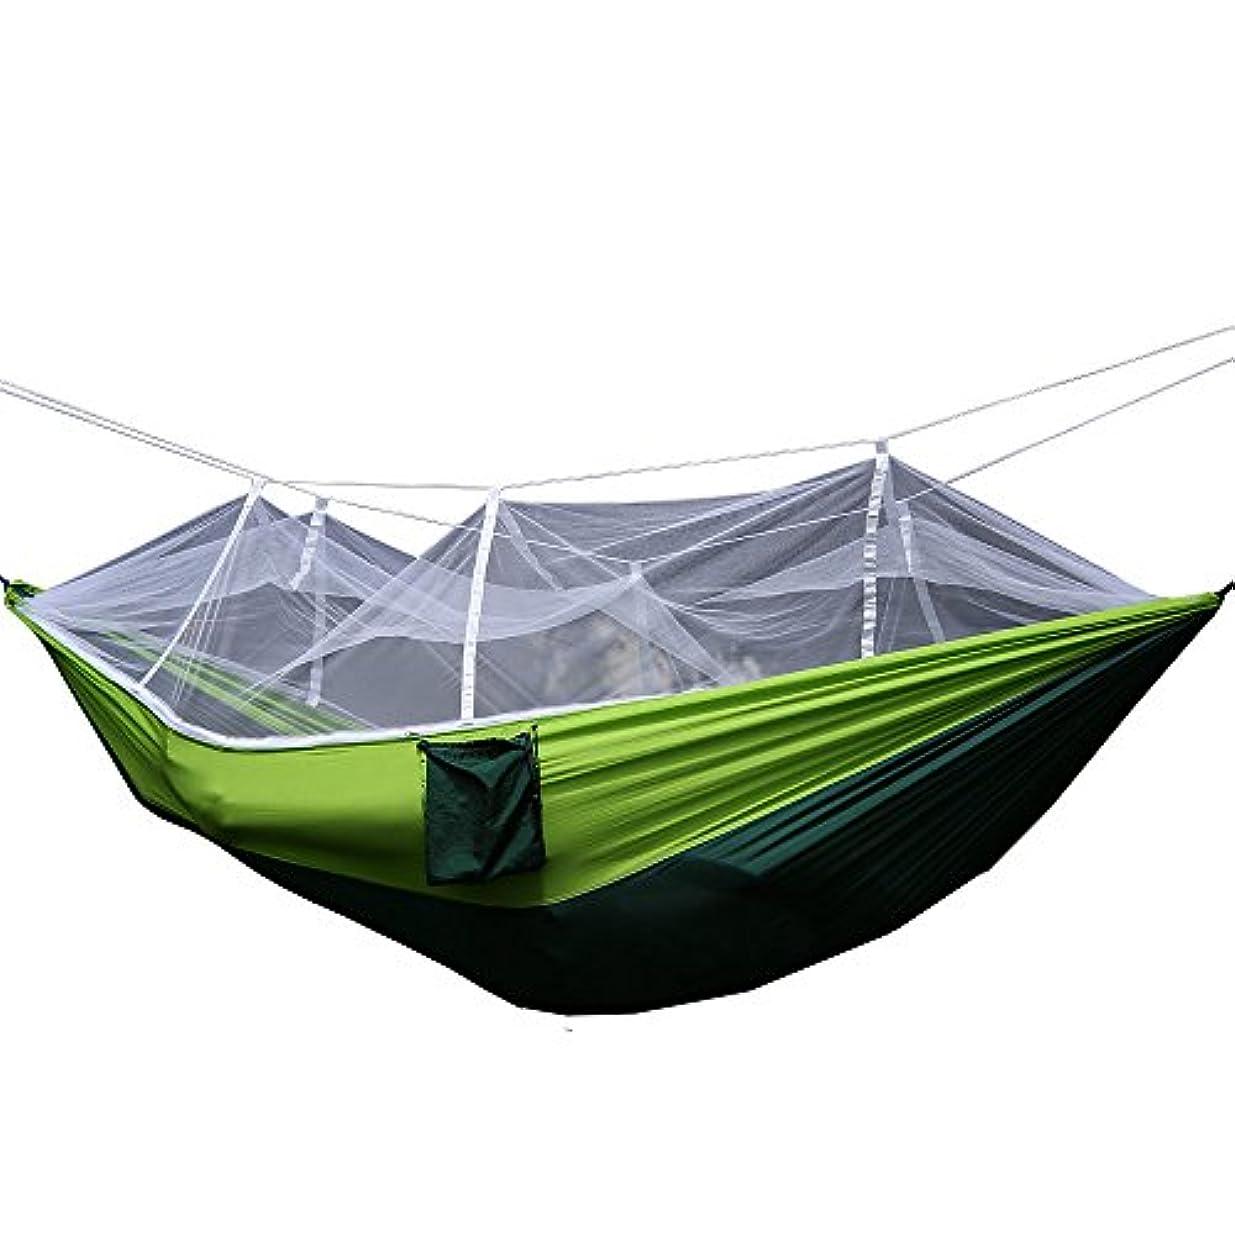 剥ぎ取る市場急降下テントハンモックダブル屋外キャンプの防蚊ライトはナイロン掛かる椅子を引き裂くことを防ぎます